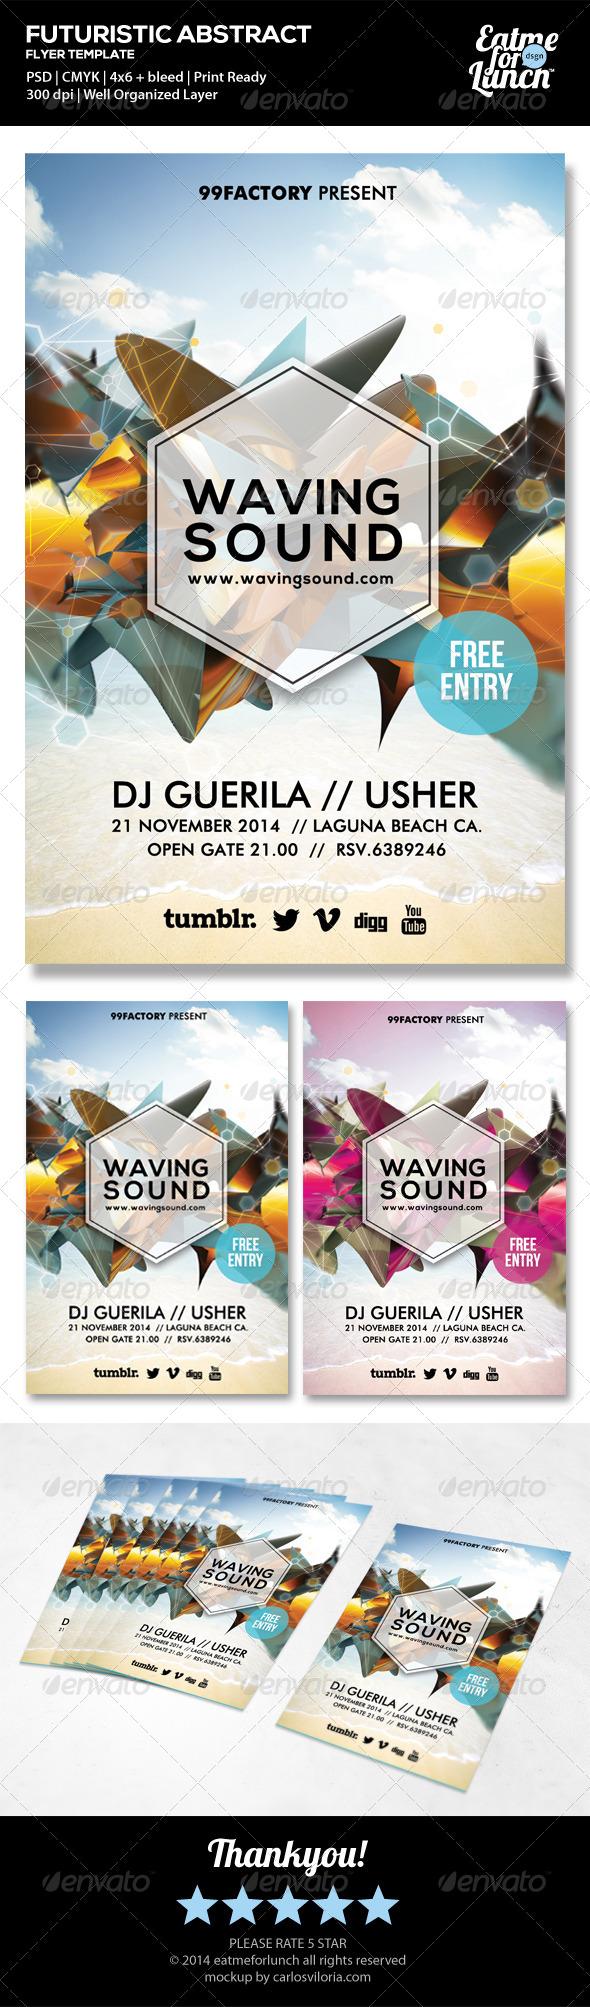 GraphicRiver Futuristic Dance Club Flyer Templates 6534017